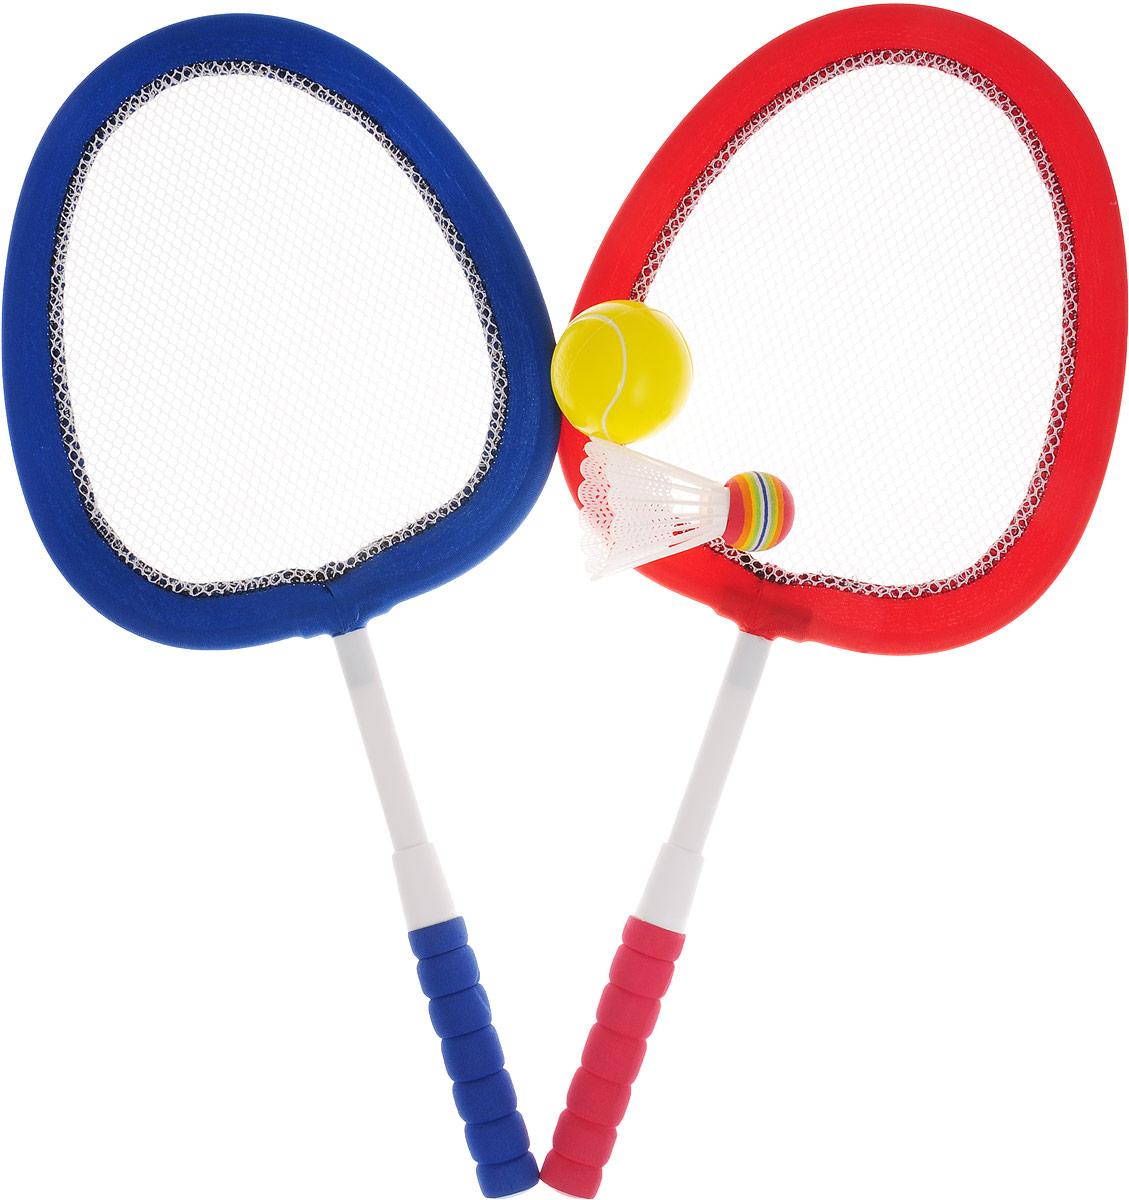 ABtoys Игровой набор Бадминтон и теннис цвет красный синий teloon бадминтон teloon синий